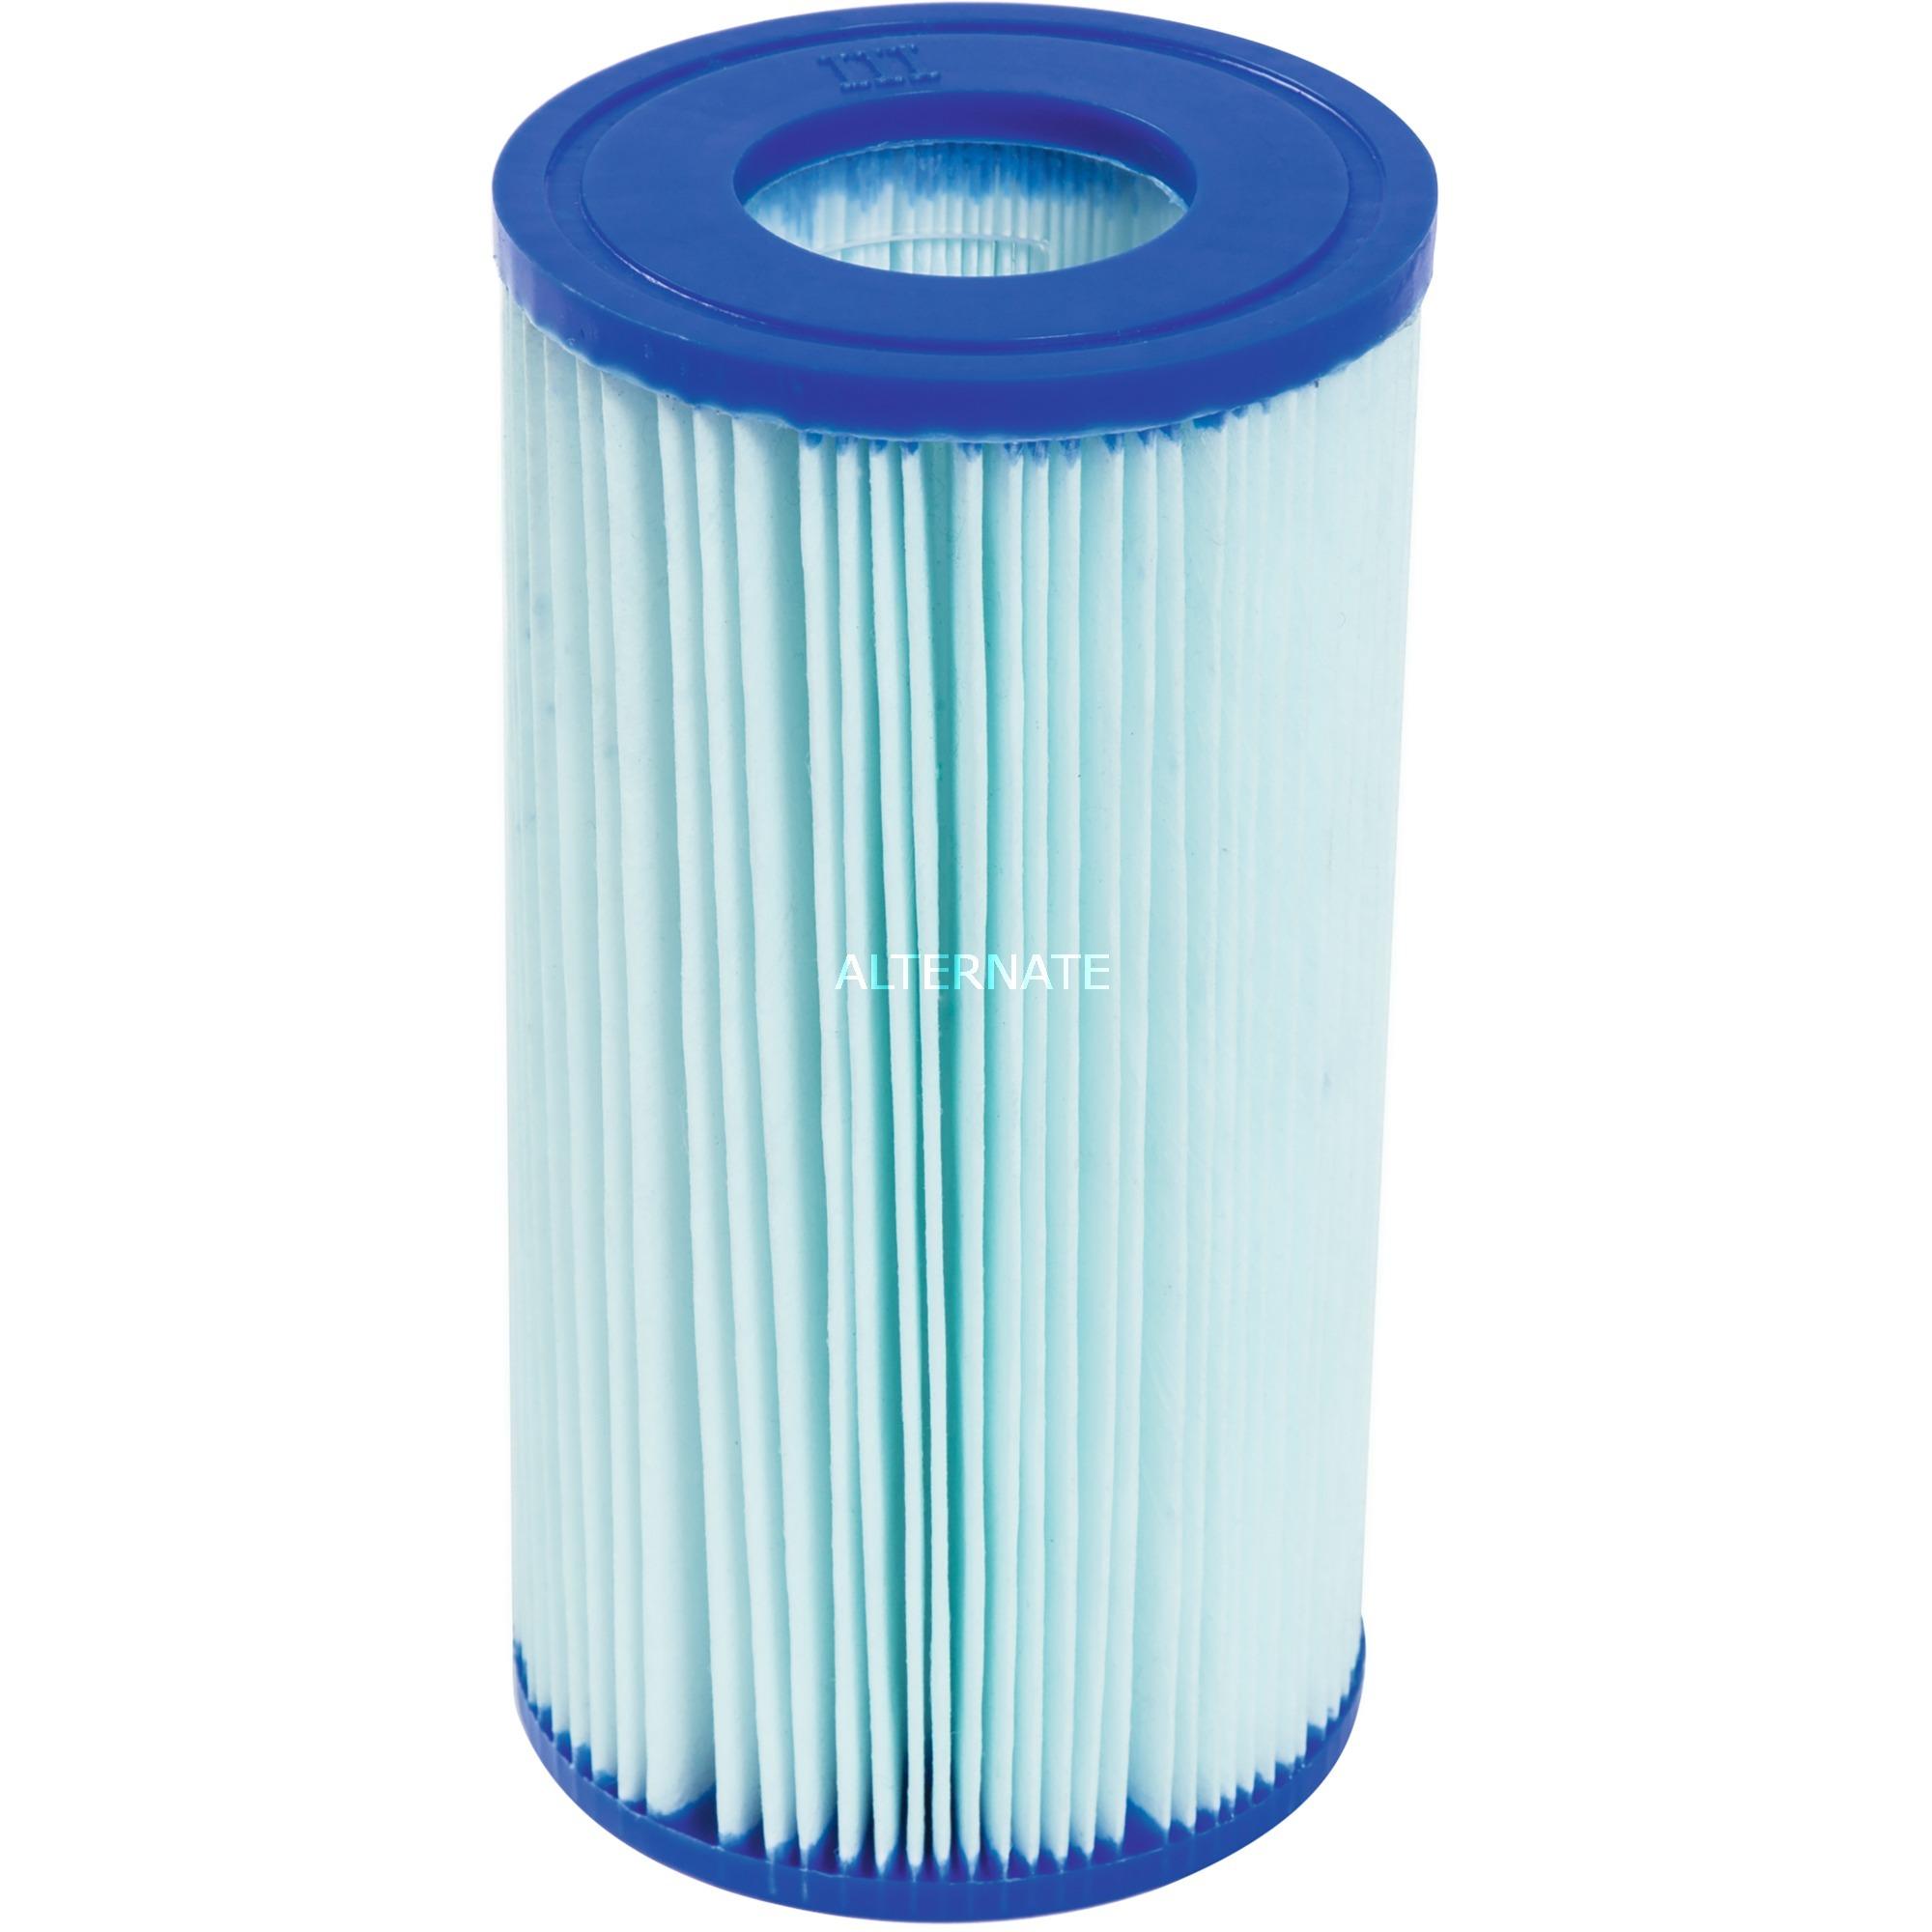 58476 Cartucho de bomba de filtración accesorio para piscina, Material del filtro